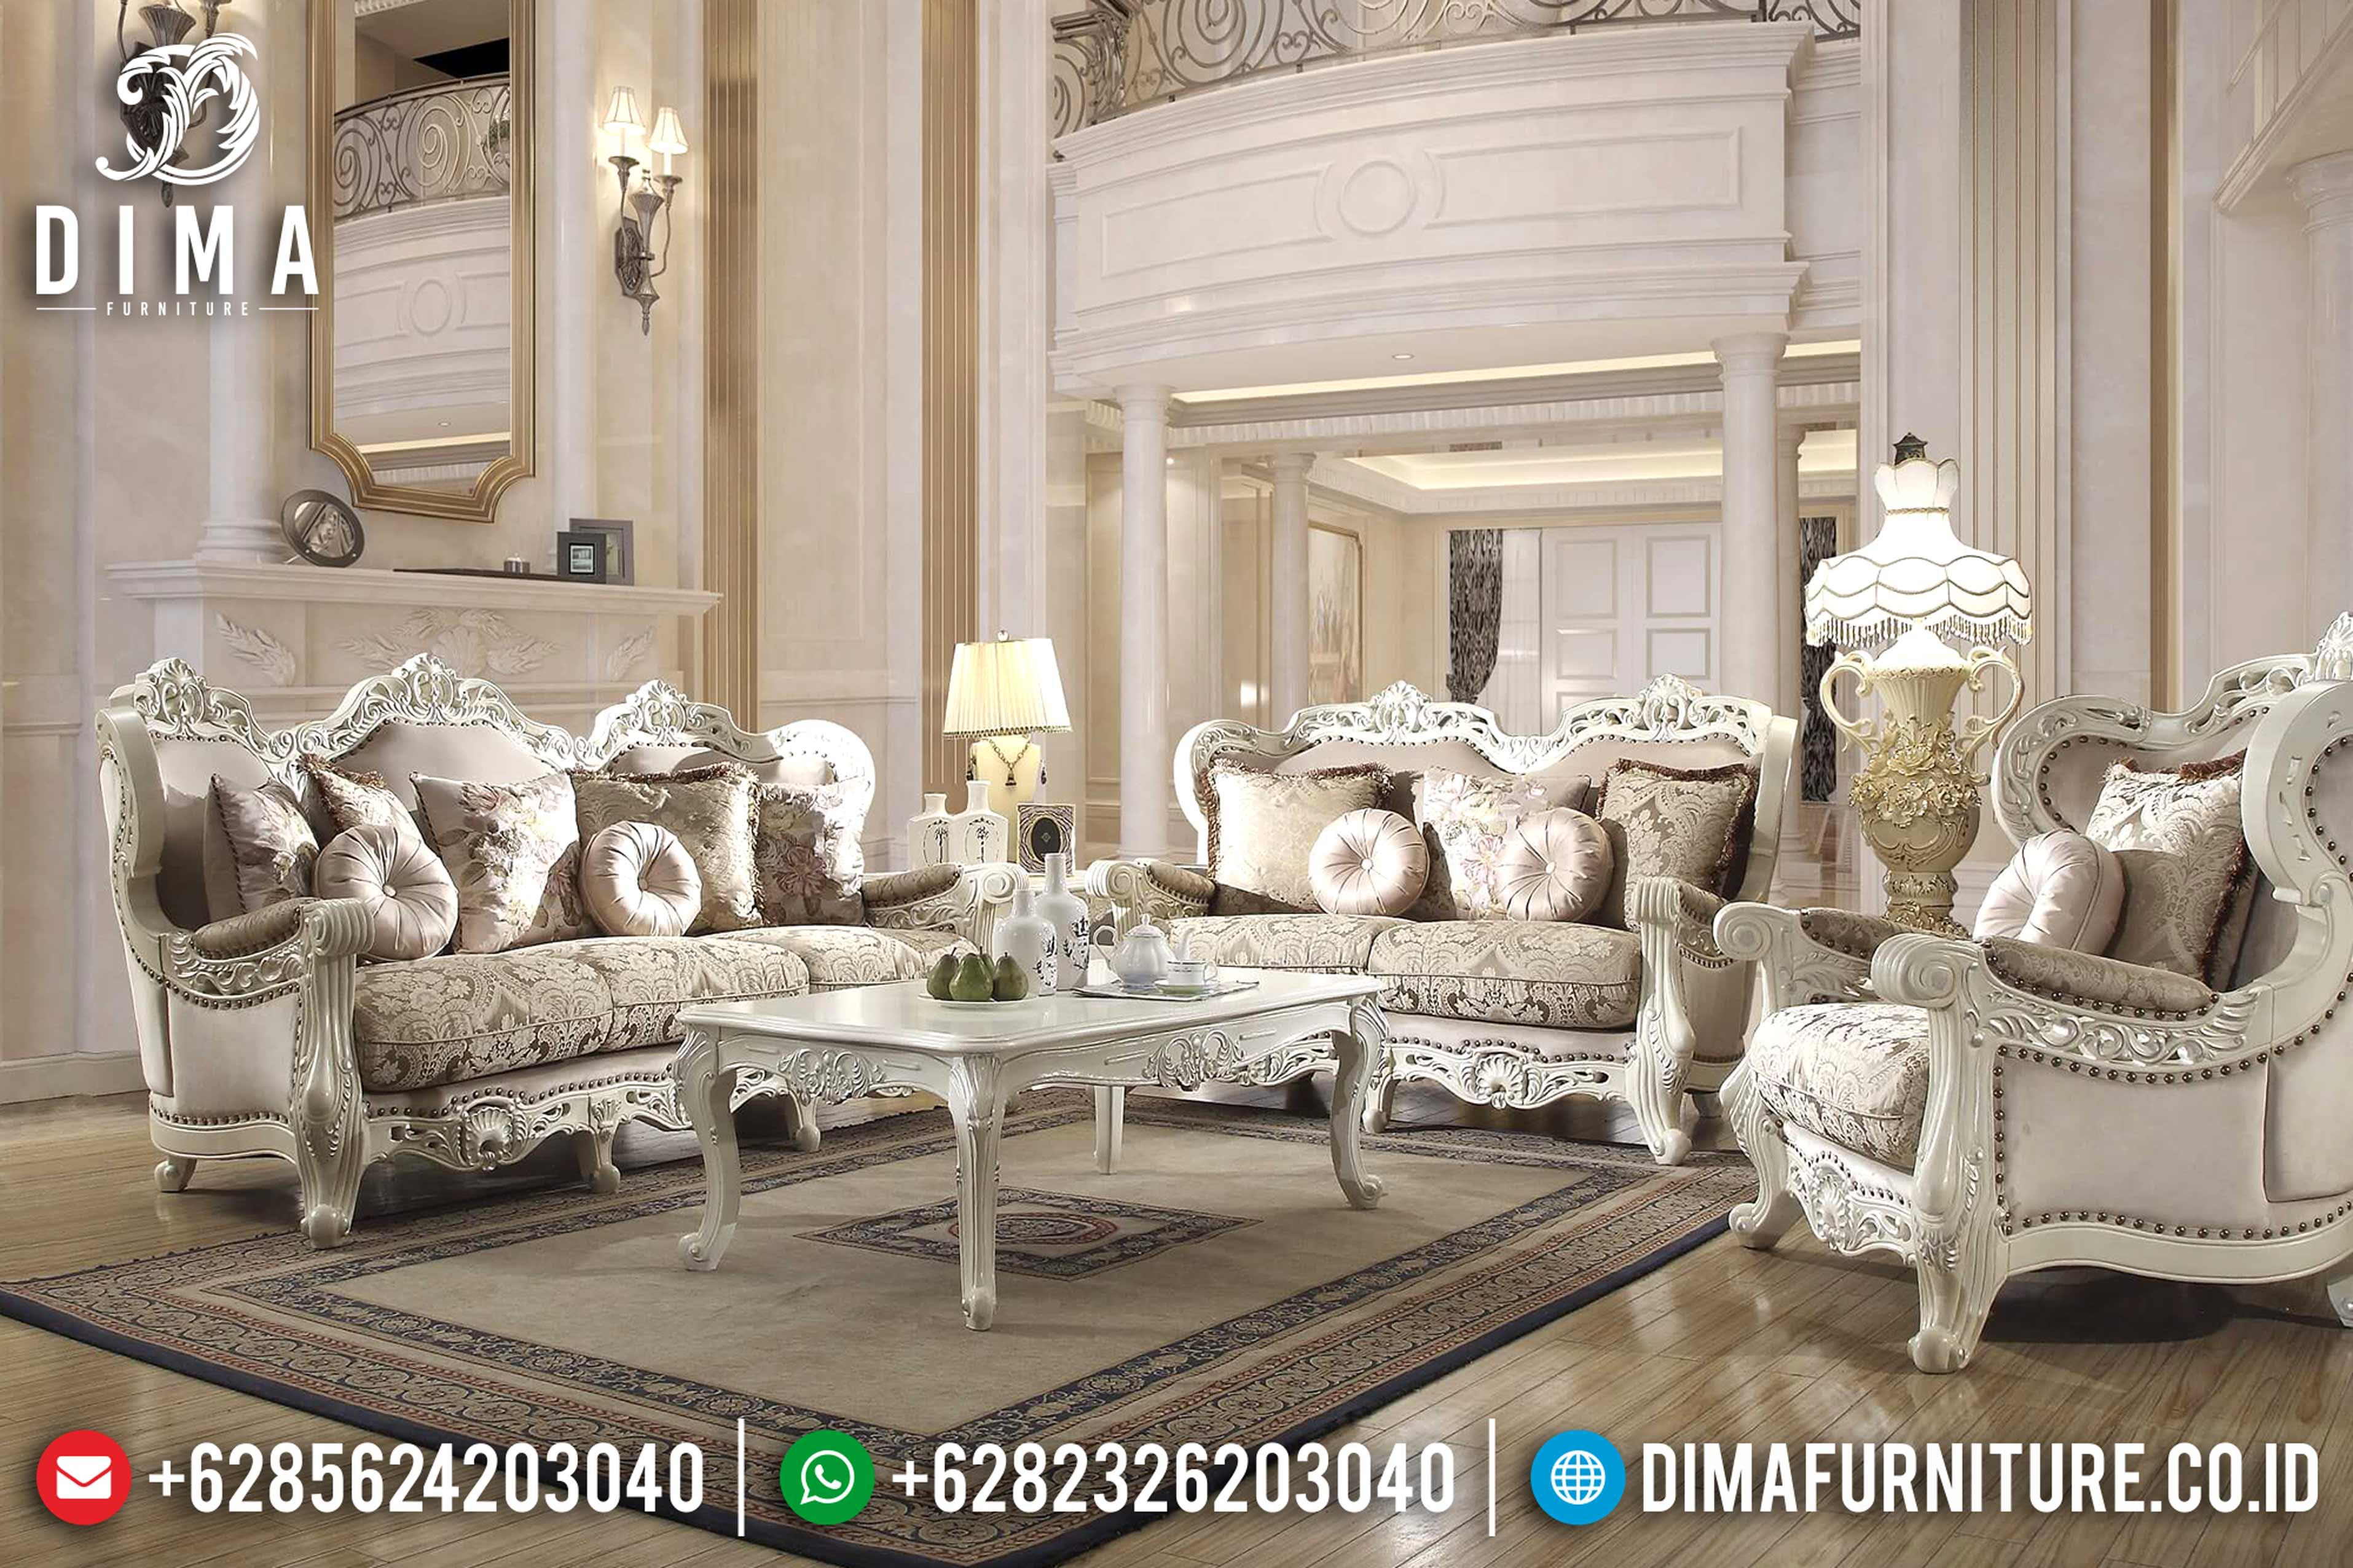 Terbaru Set Sofa Tamu Mewah, Kursi Sofa Tamu Jepara, Sofa Duco Ukir DF-0796